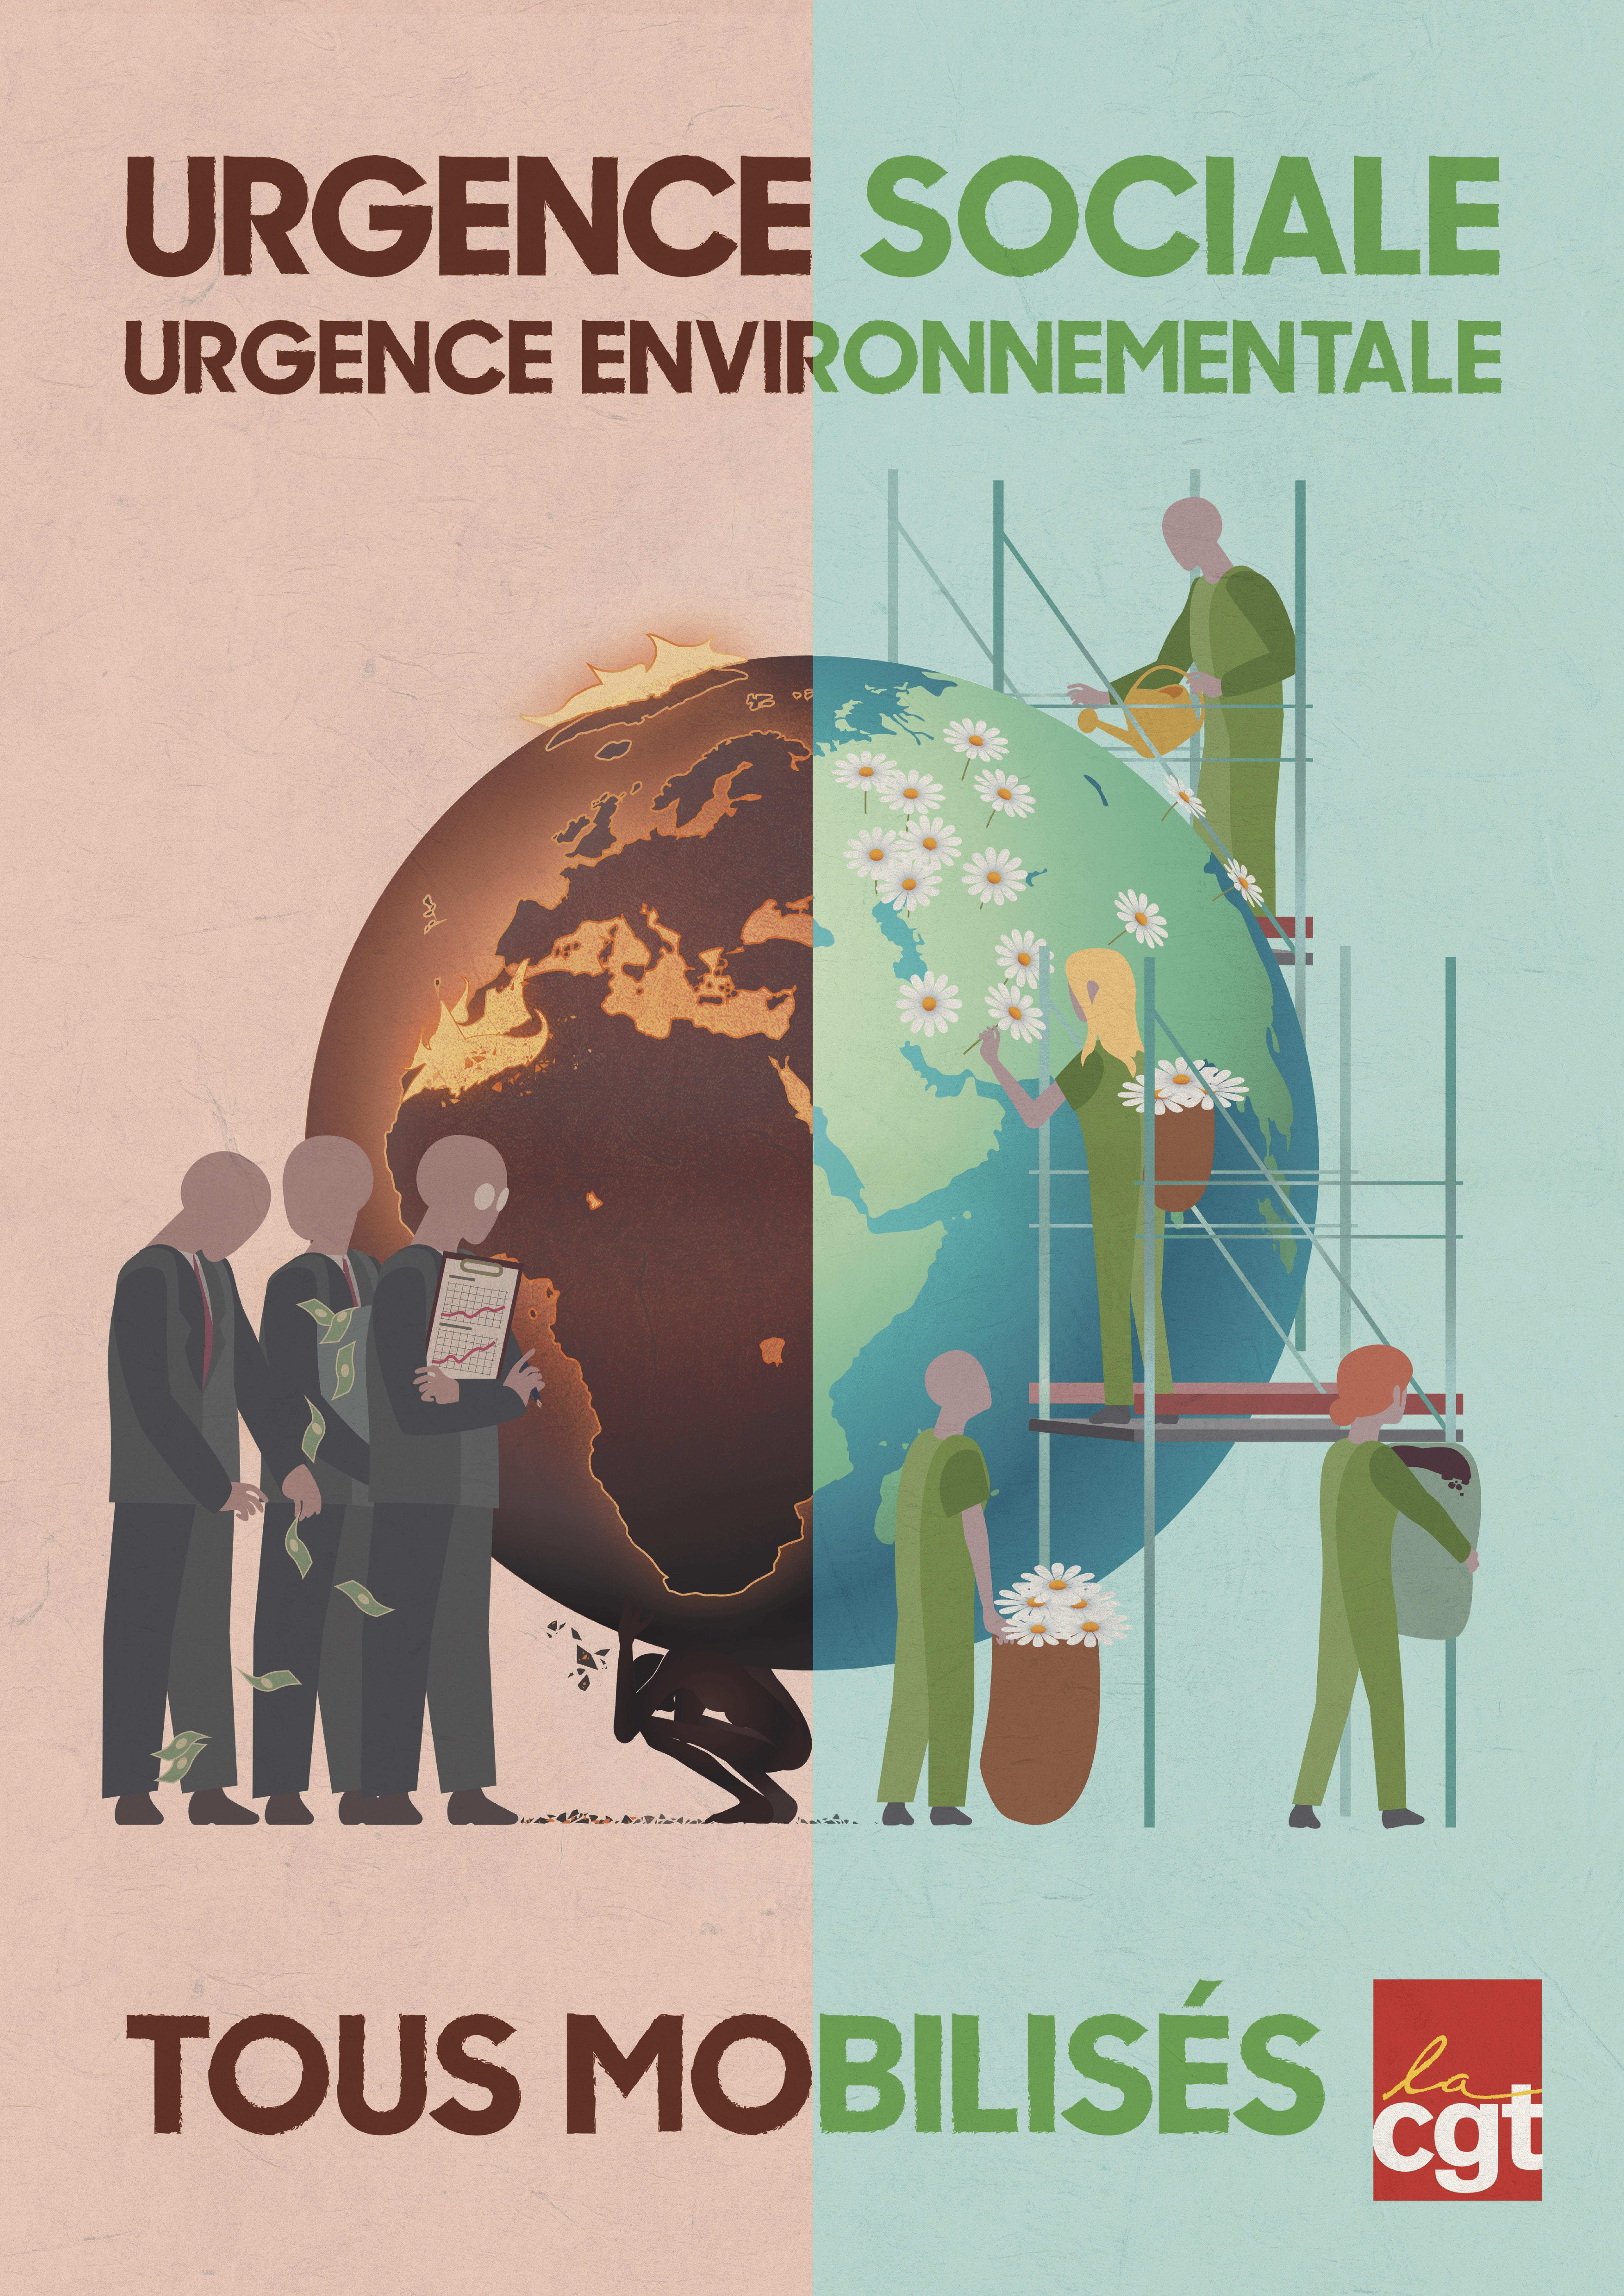 Urgence écologique et sociale